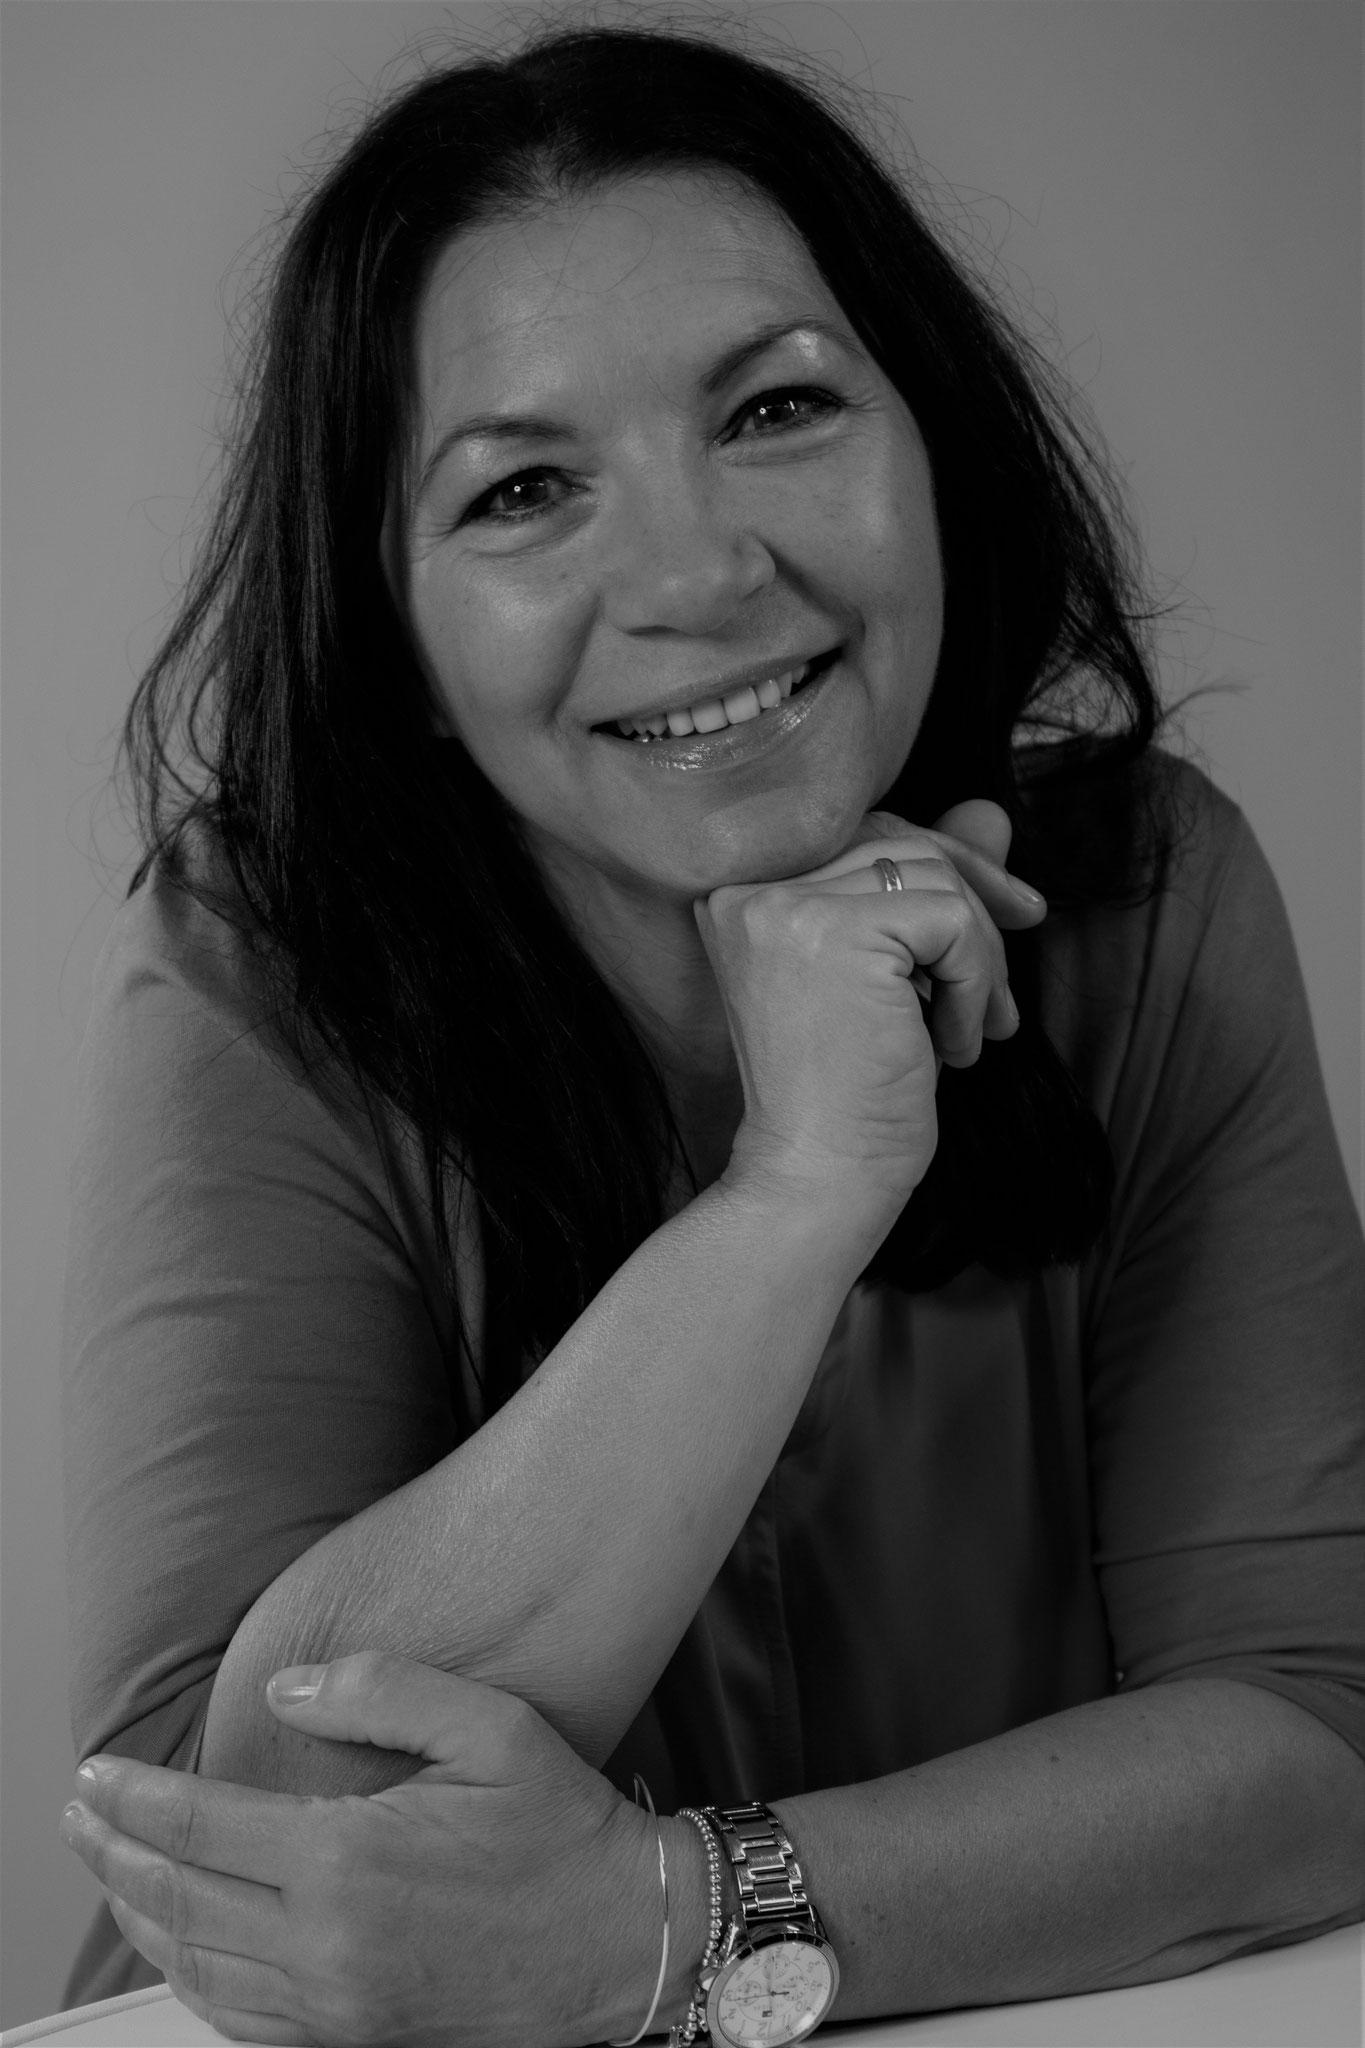 Katharina Spiegellebt mit ihrer Familie in Fulda. Sie hat drei erwachsene Töchter. Durch verschiedene Ausbildungen bei SMOG e.V. (Schule machen ohne Gewalt) und die Zusammenarbeit mit Kindern, konnte sie viele Erfahrungen im Familienwesen sammeln.